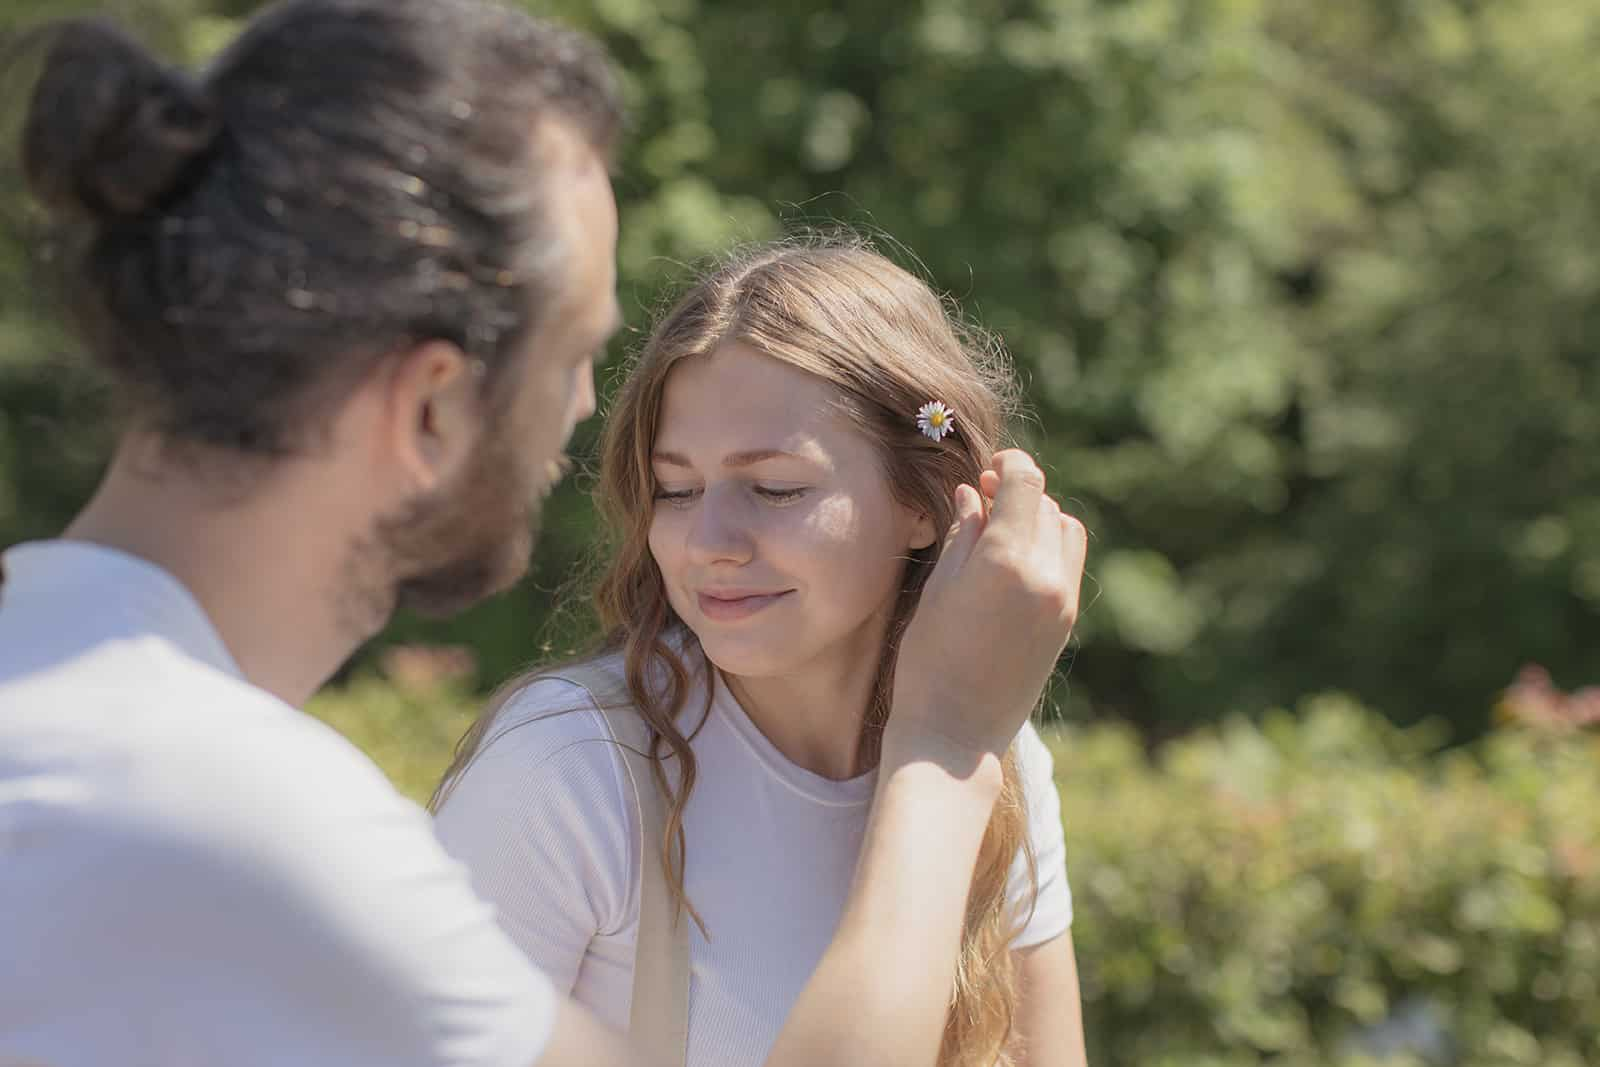 ein Mann, der Blume in ein Haar der lächelnden Frau setzt, während er in der Natur sitzt